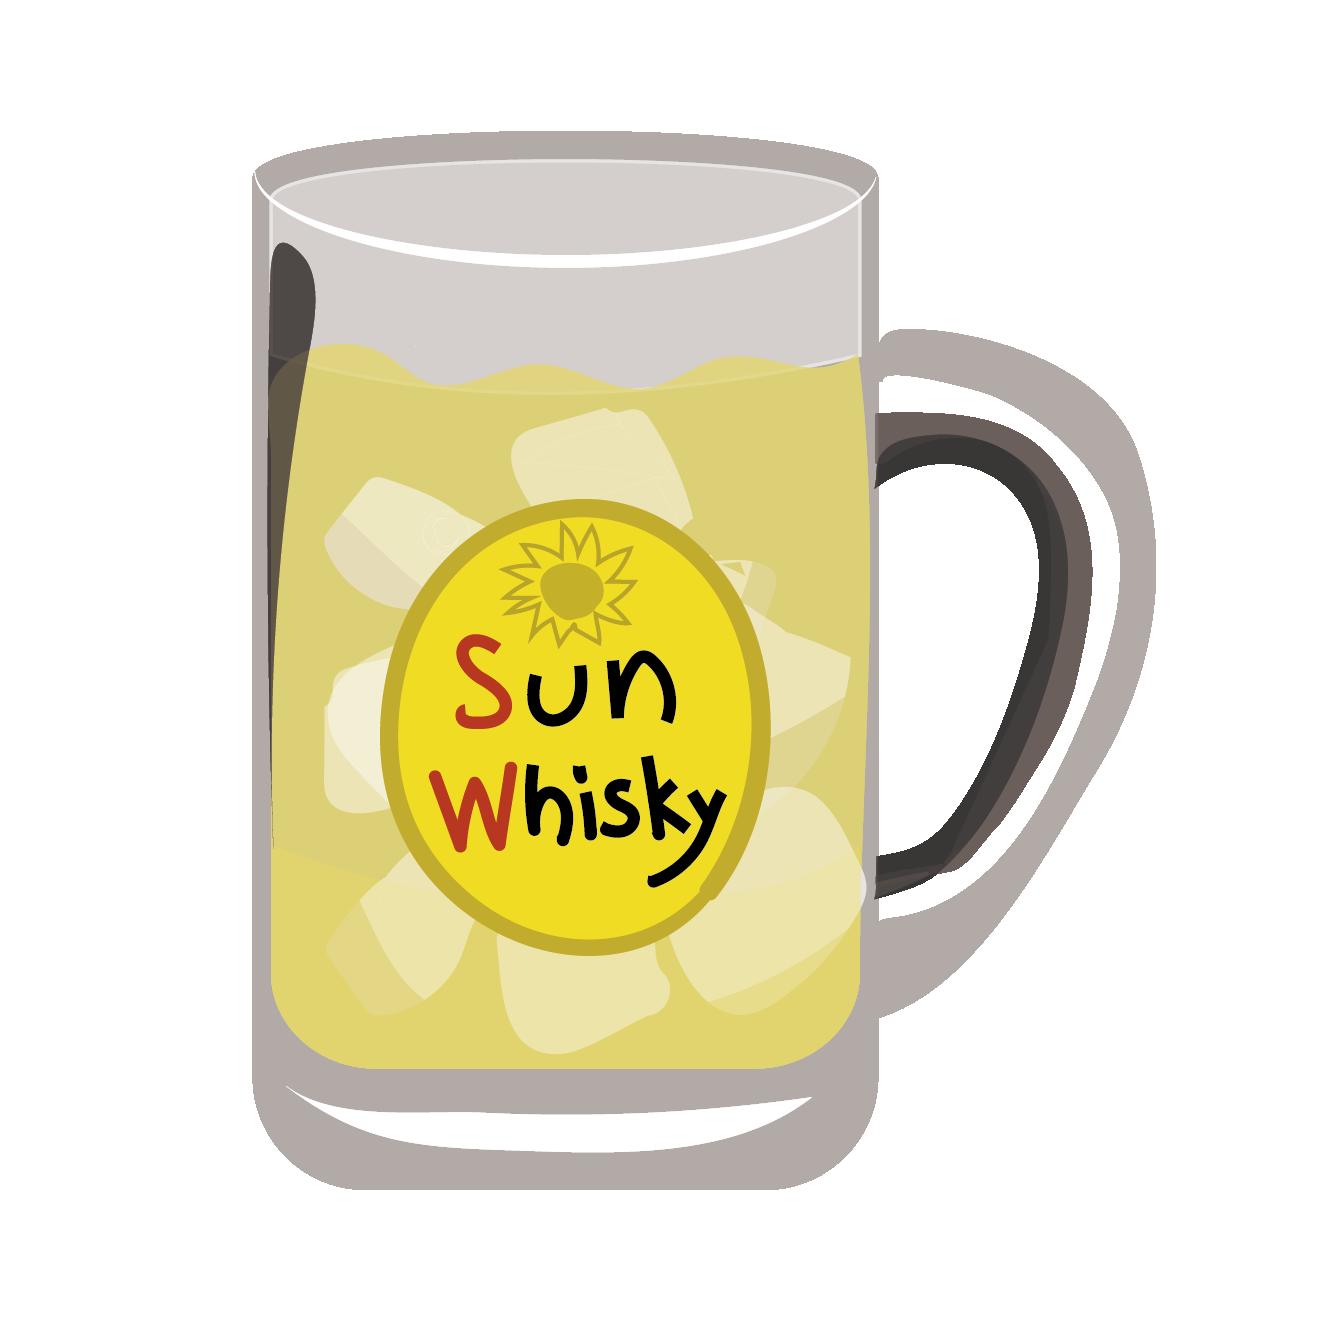 ハイボール(はいぼーる)ウィスキー・お酒のイラスト | 商用フリー(無料